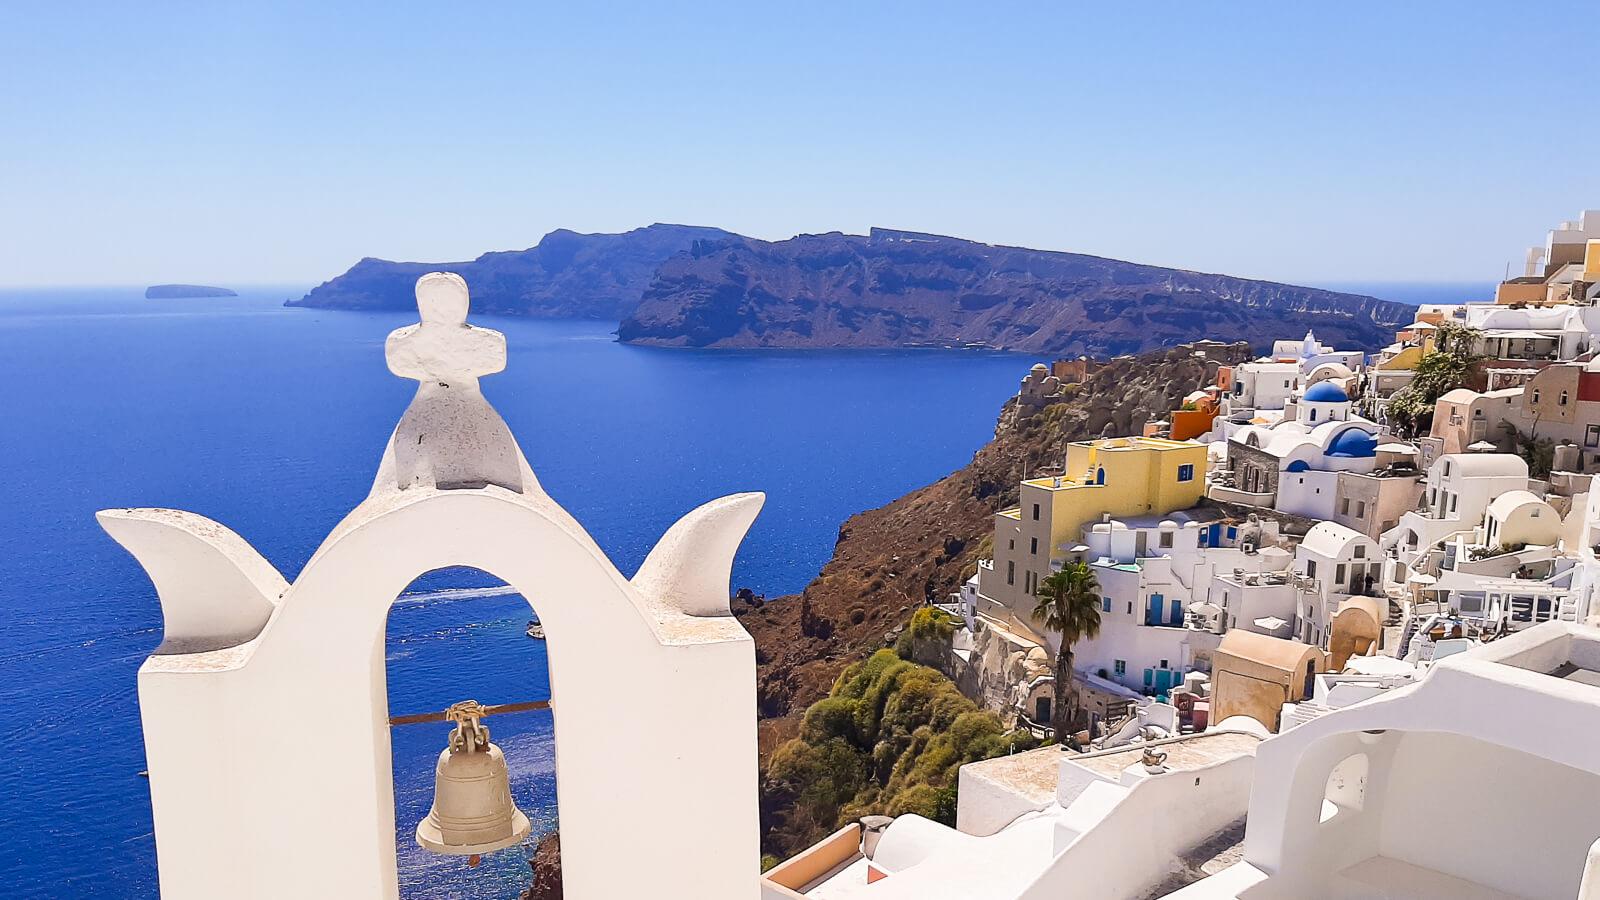 Apie Santorini salą, į kurią patogu vykti iš Kretos